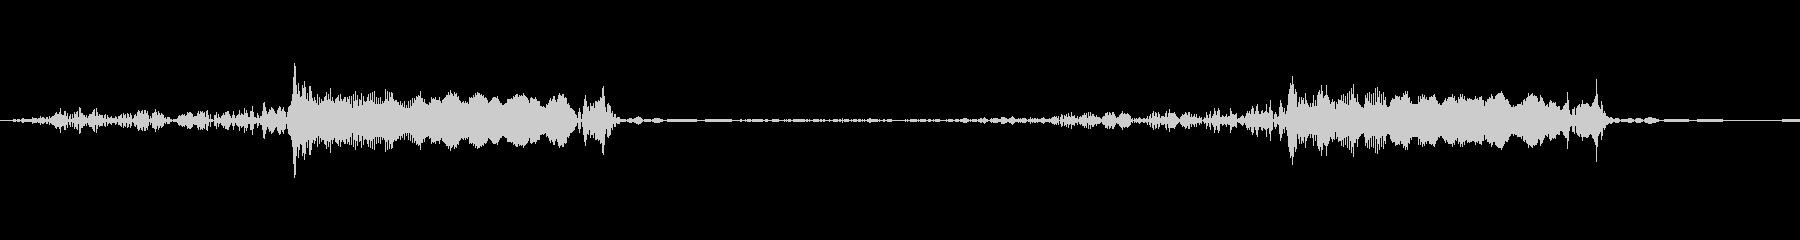 【電子音】【機械】ピキッ・・・の未再生の波形